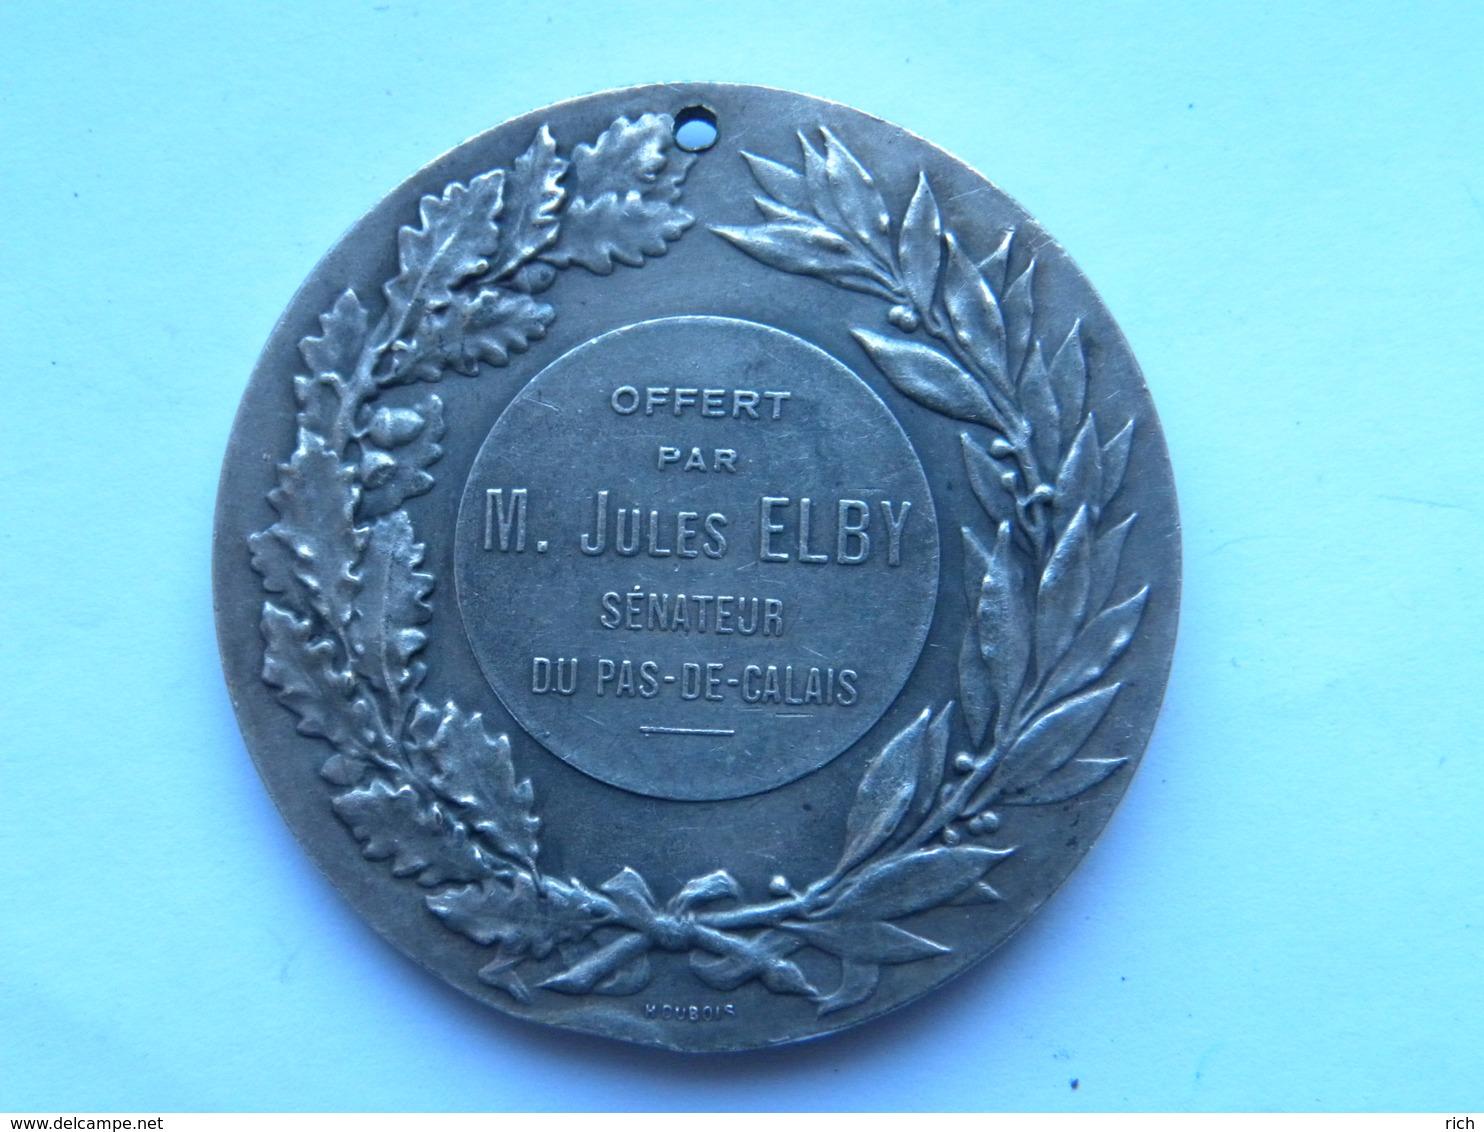 Médaille Bronze Argenté Diam 4,5 Cm - Graveur D DUPUIS Offert Par Jules Elby Sénateur Du Pas De Calais (1857-1933) - Medaglie